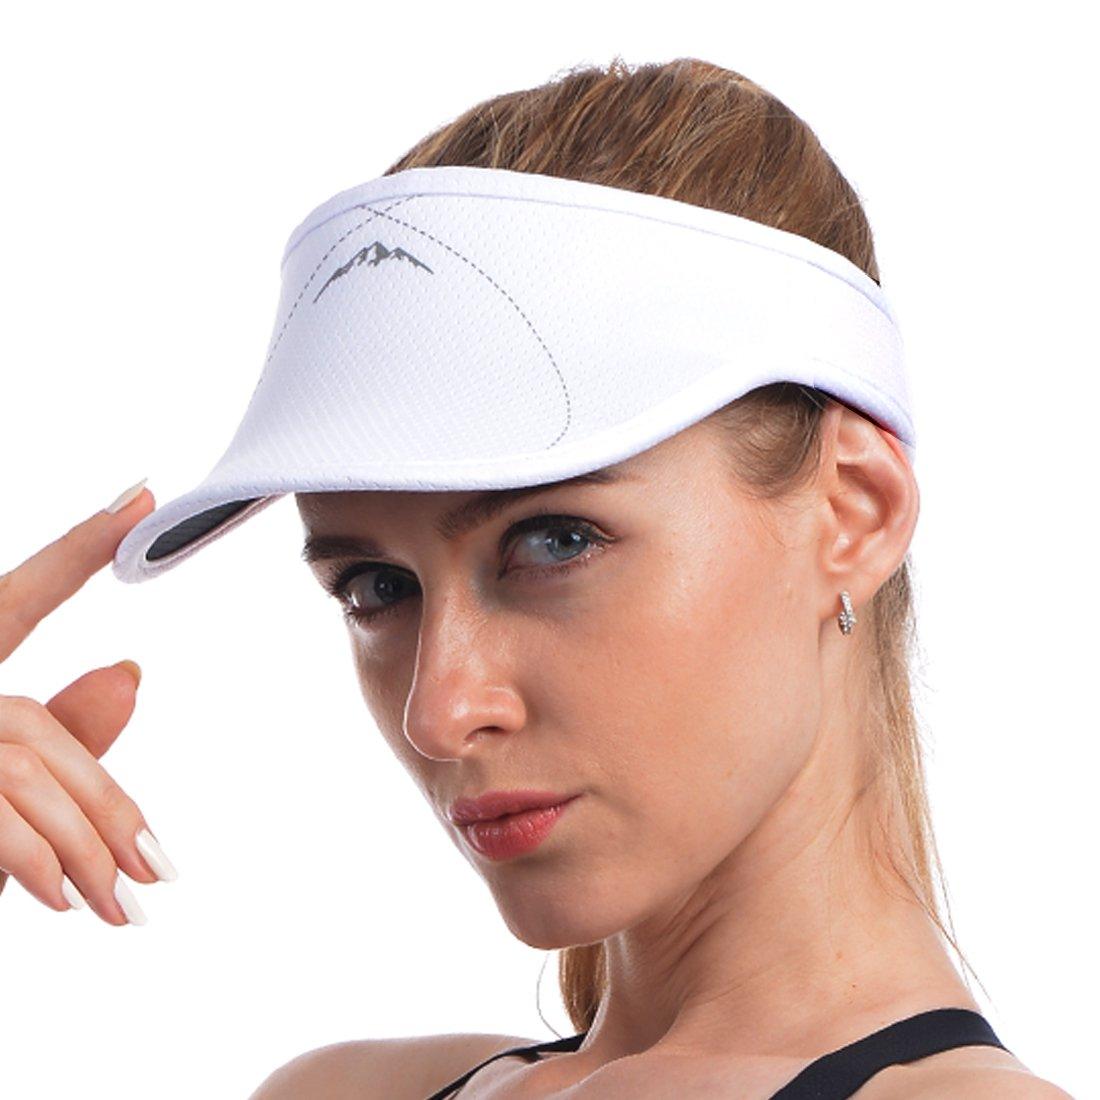 UShake Sports Visor for Man or Woman in Golf Running Jogging Tennis (White) by UShake